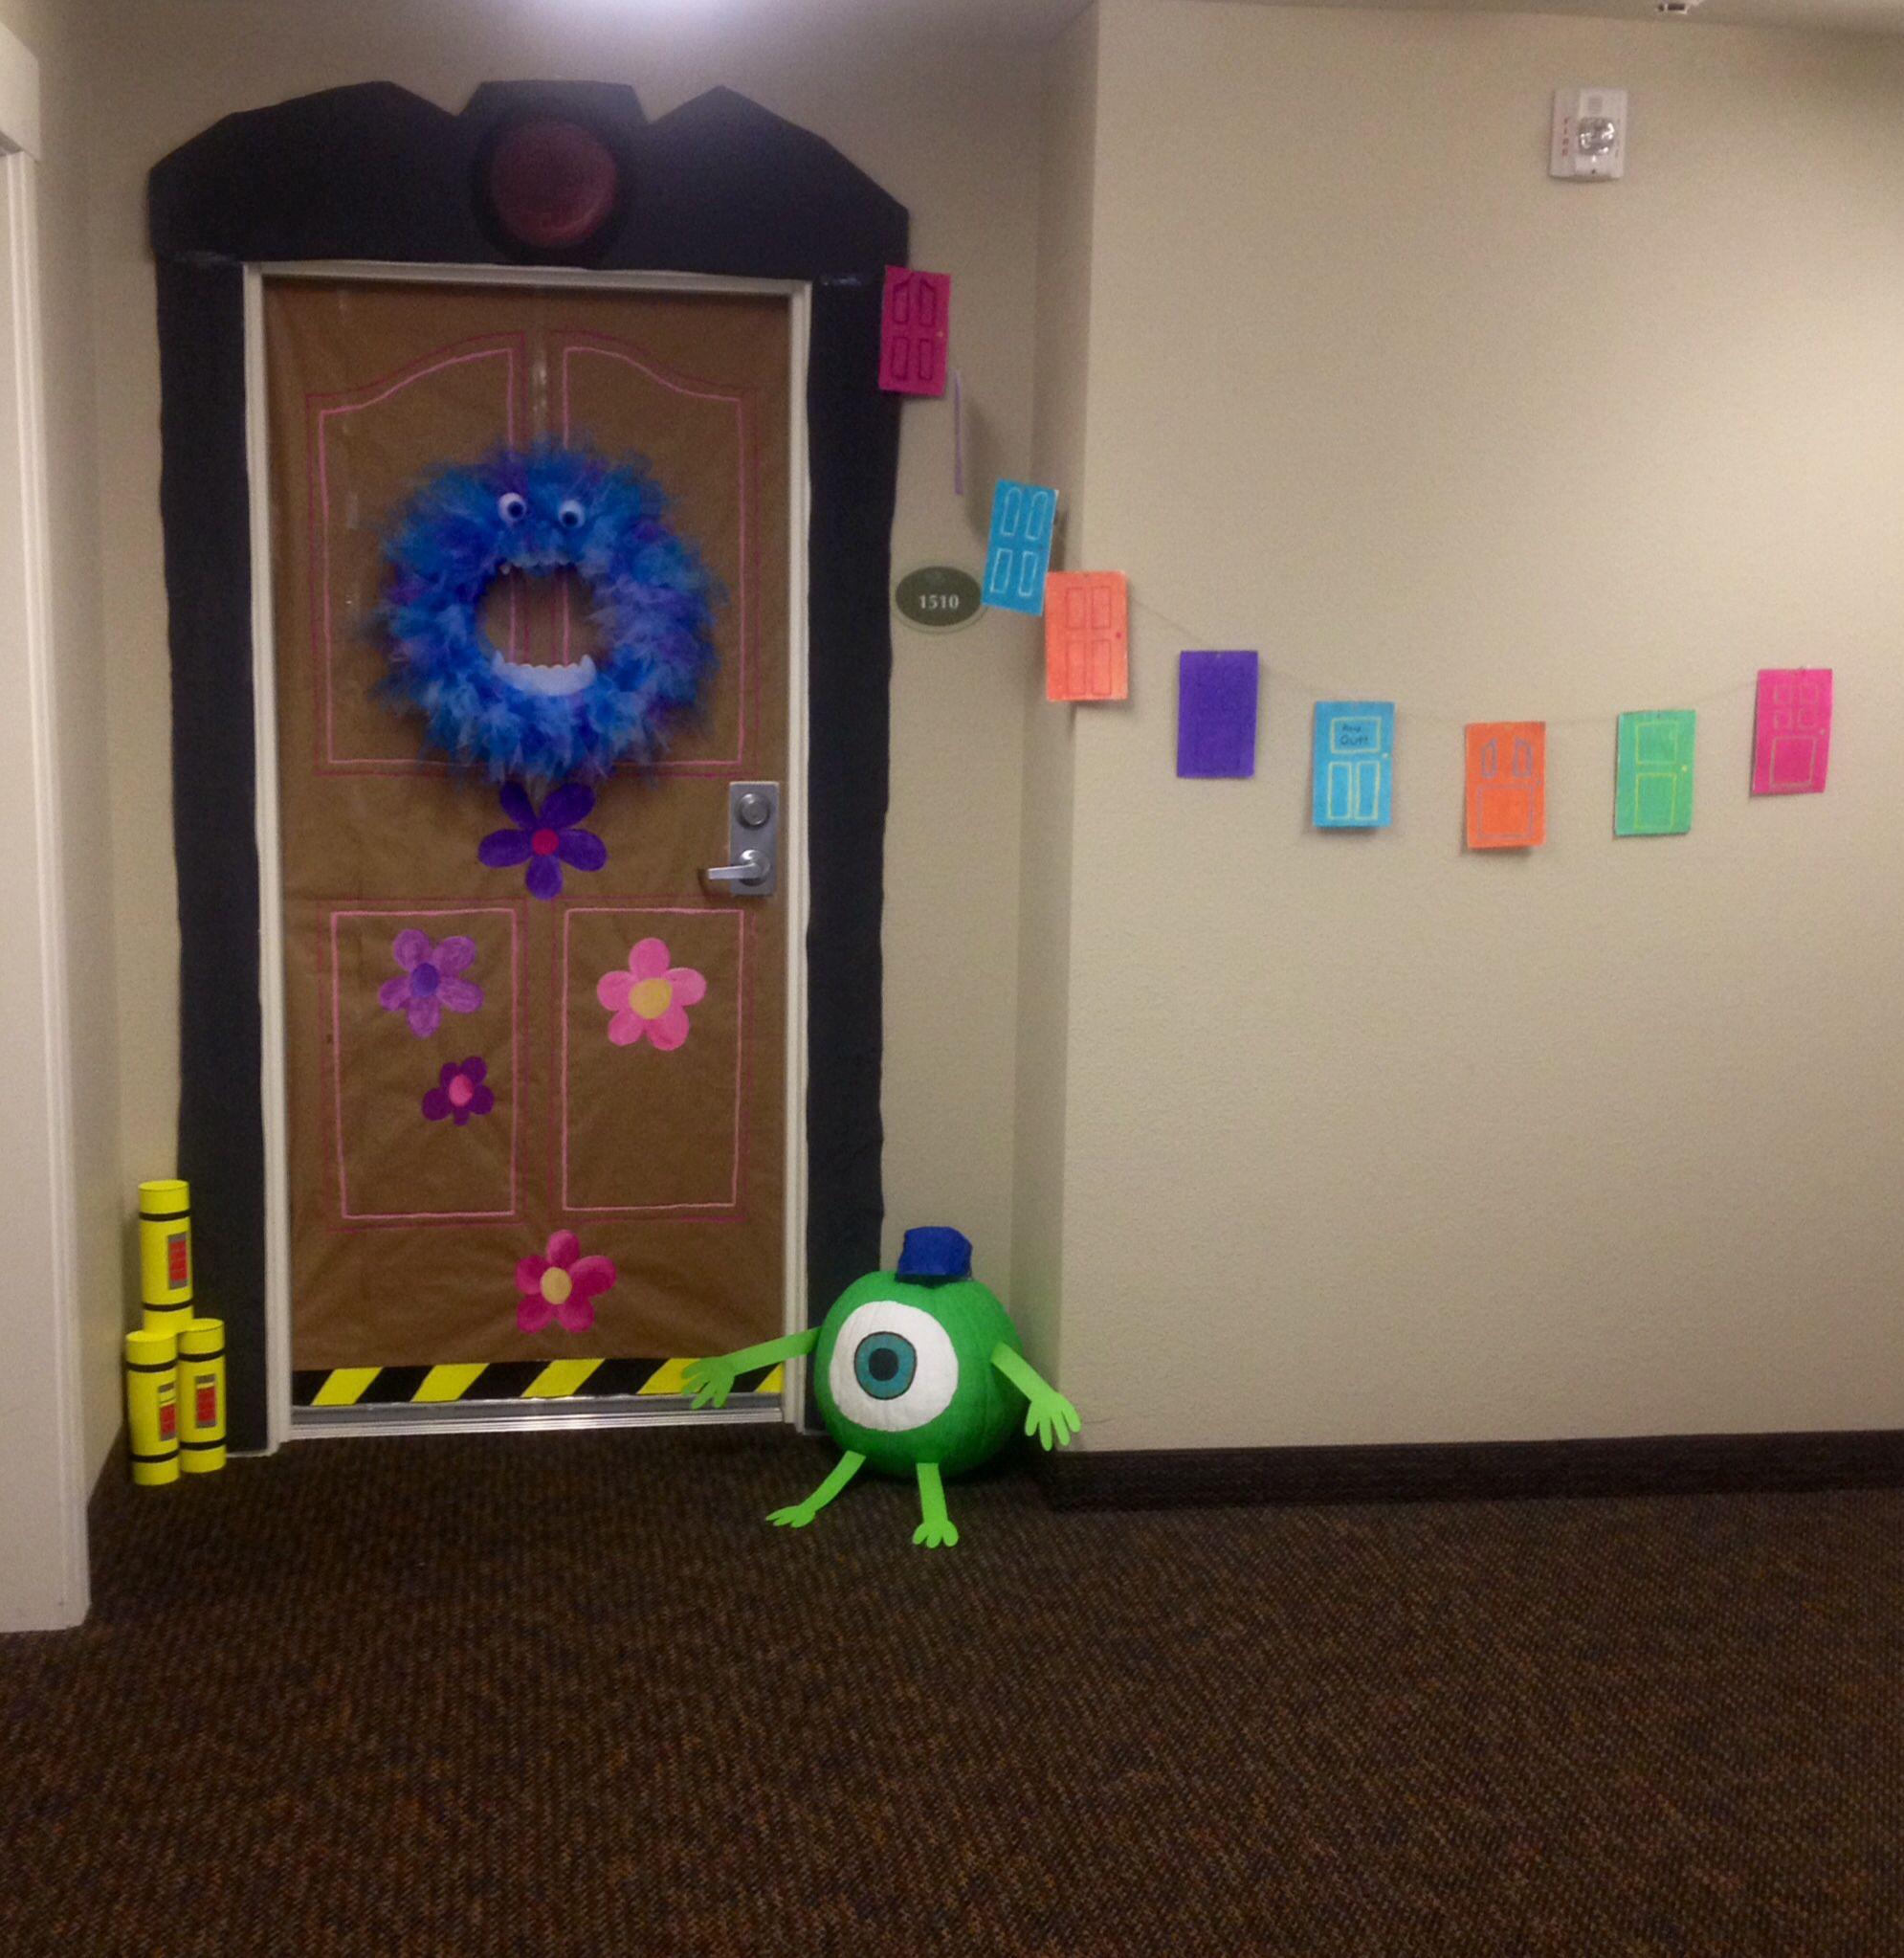 Monsters Inc. door decoration for Halloween | October ...